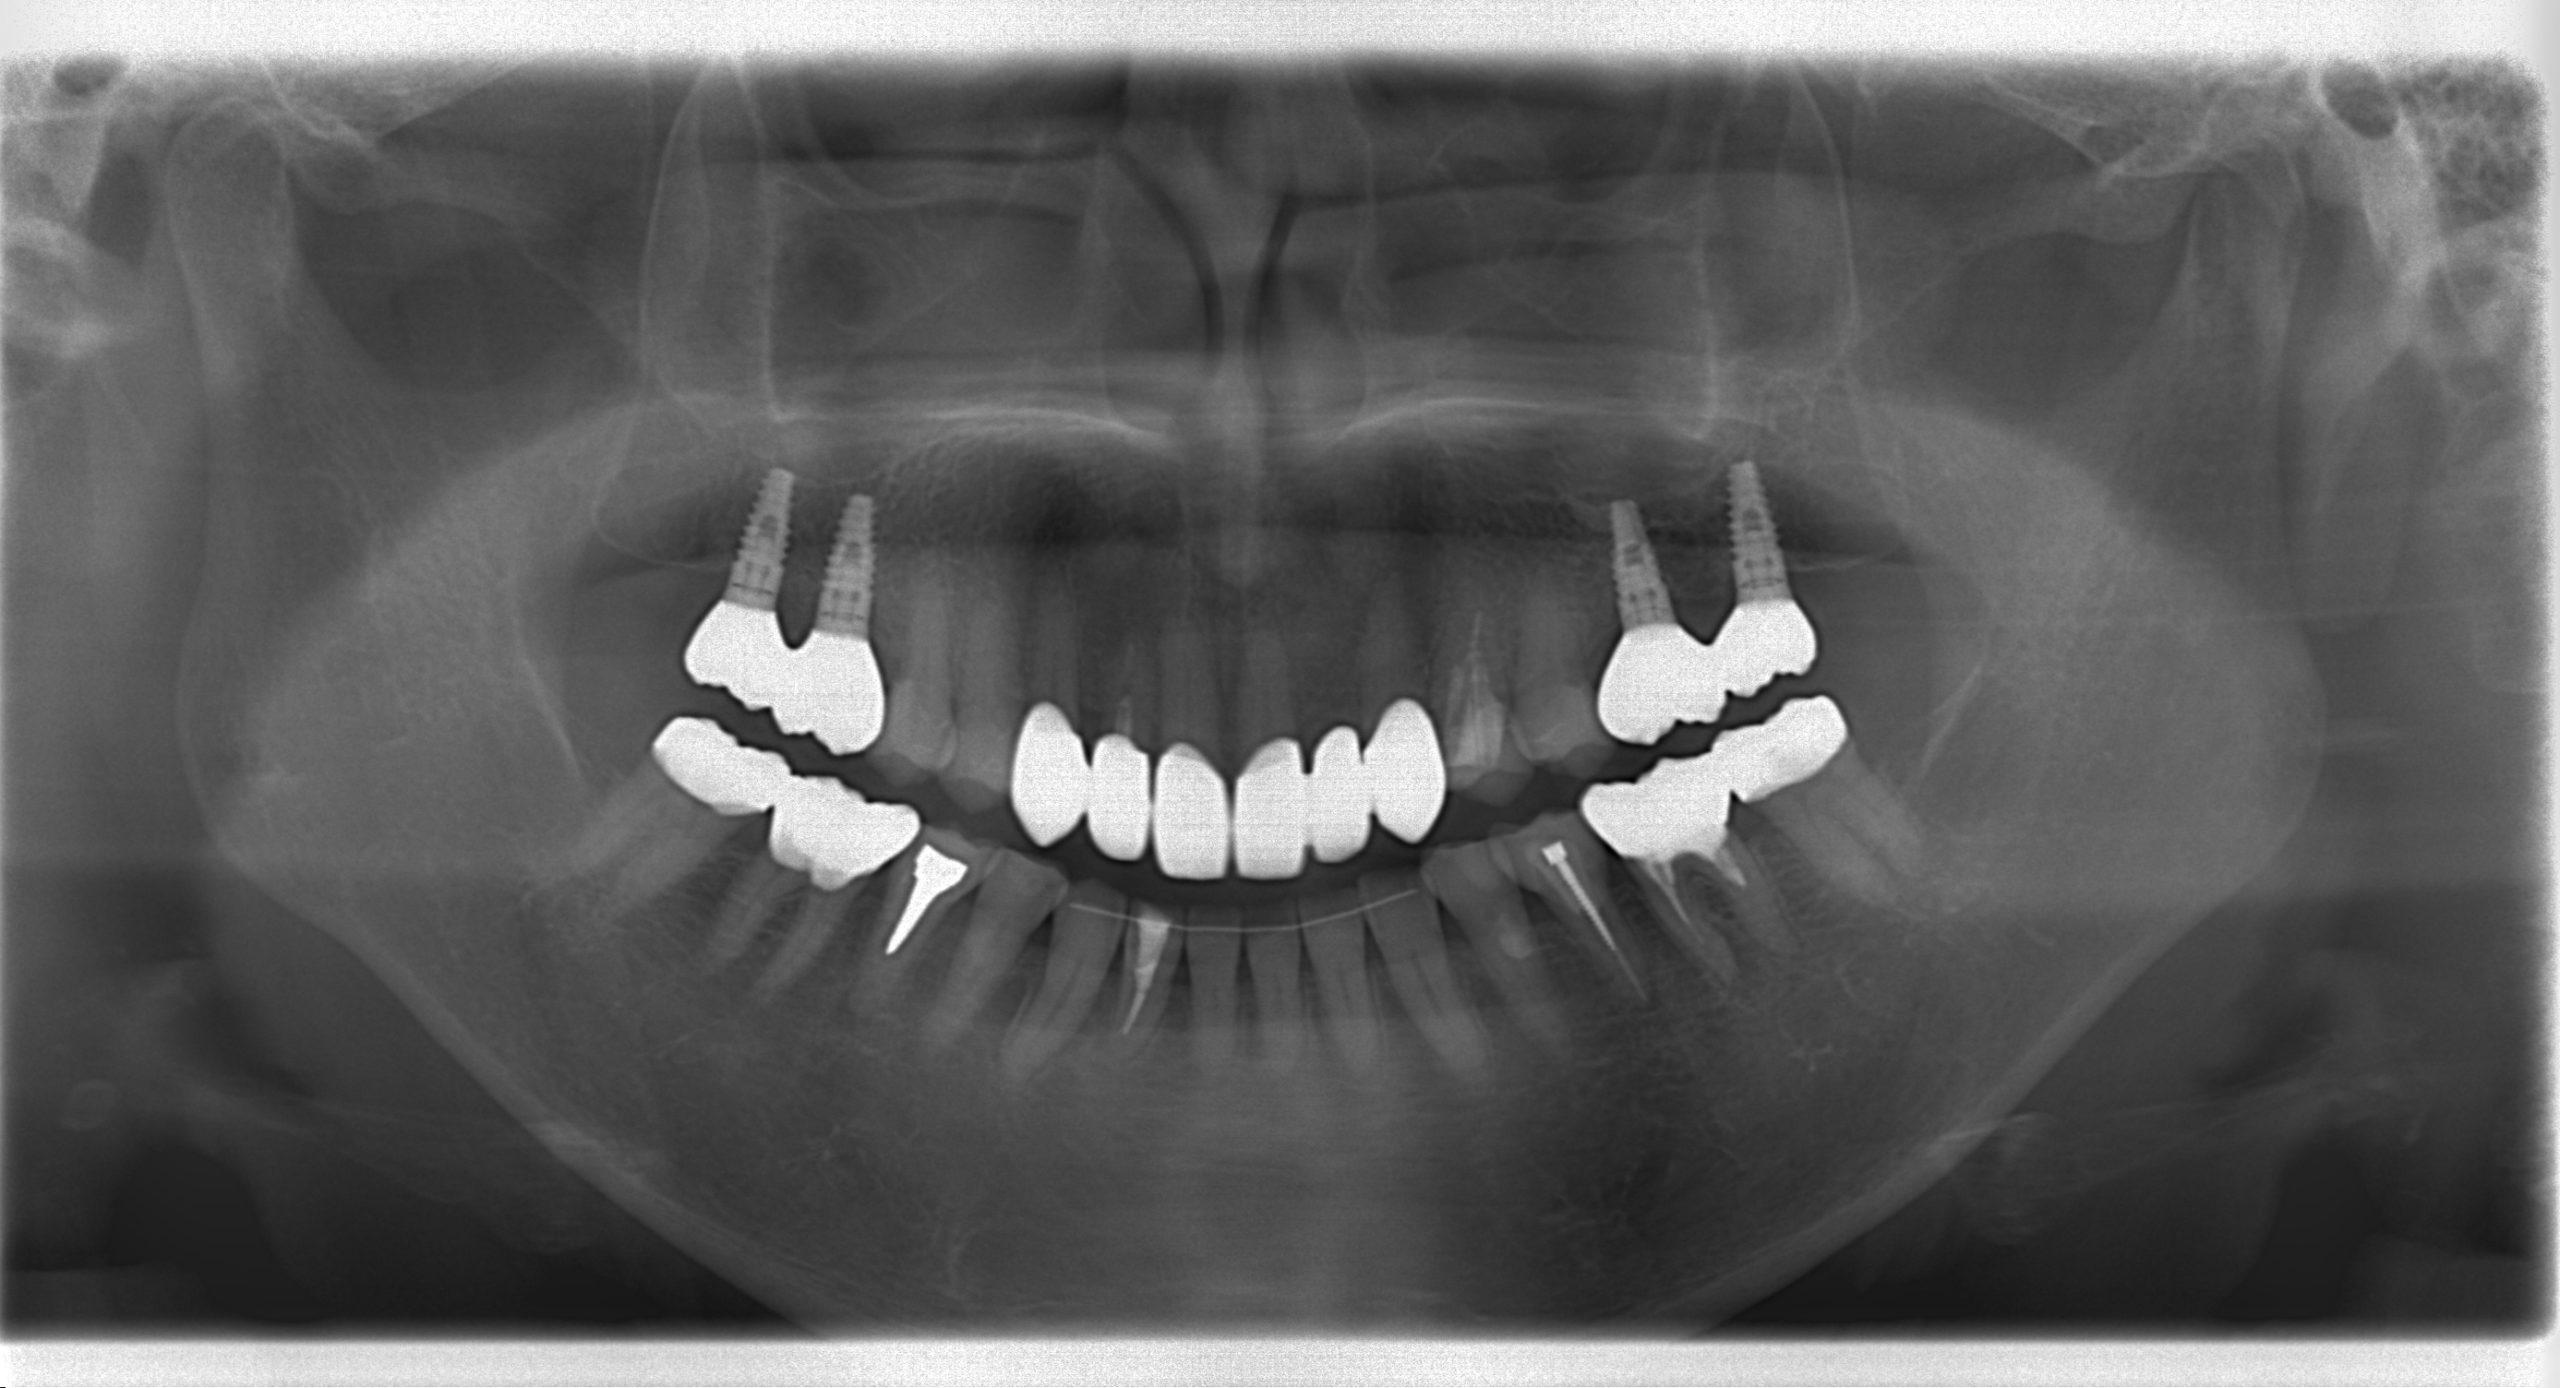 咬める入れ歯とインプラントでかみ合わせ治療した例